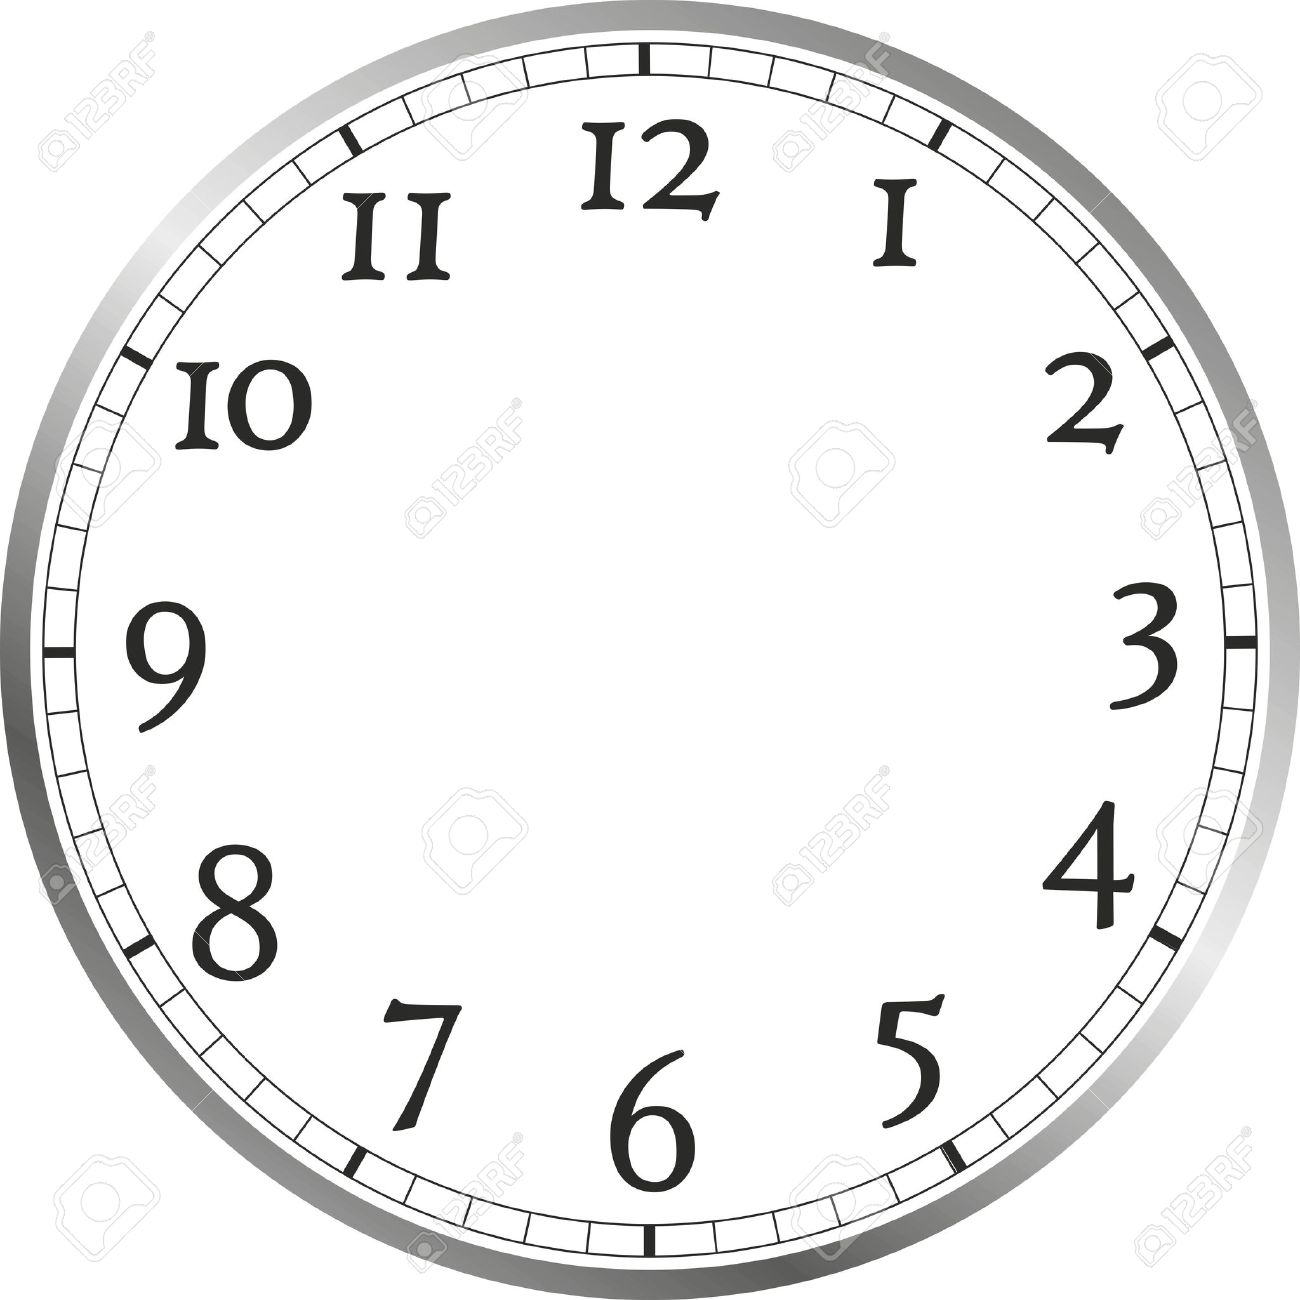 Uhr ohne zeiger vorlage  Große Ziffernblatt Mit Zahlen, Ohne Zeiger Lizenzfreie Fotos ...